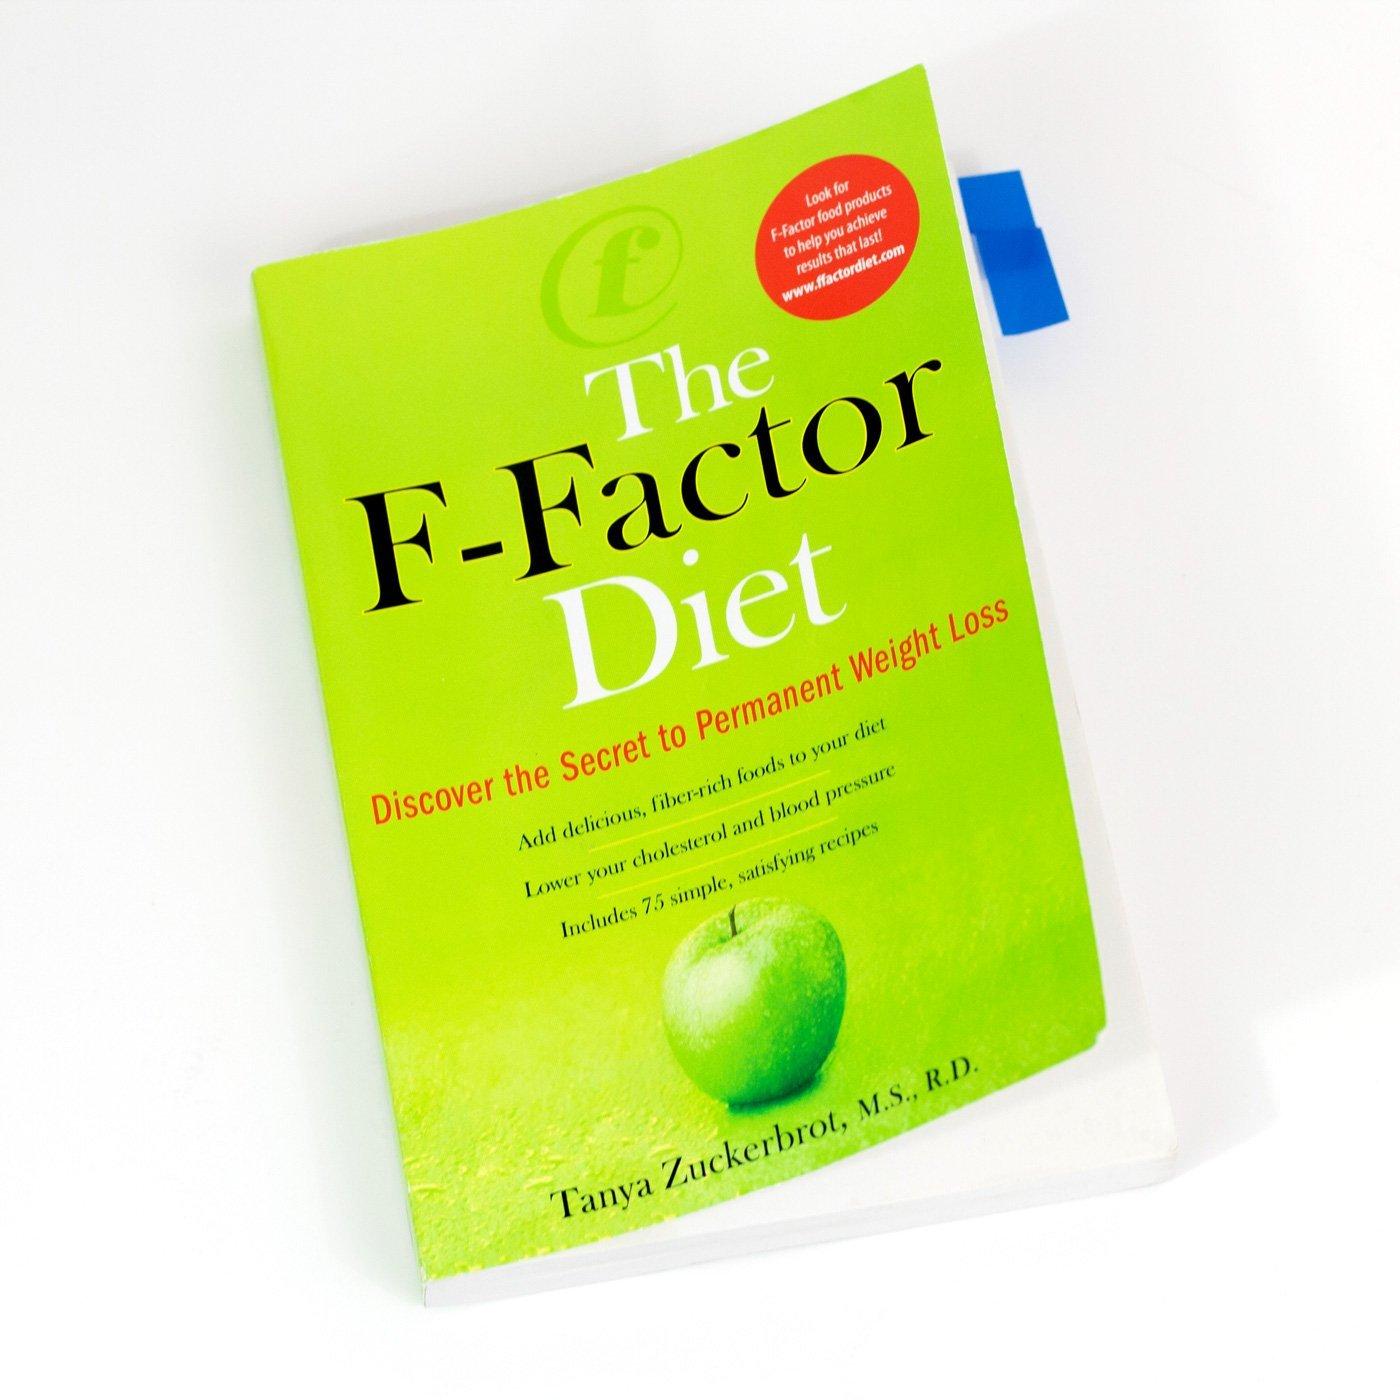 ffactor diet book